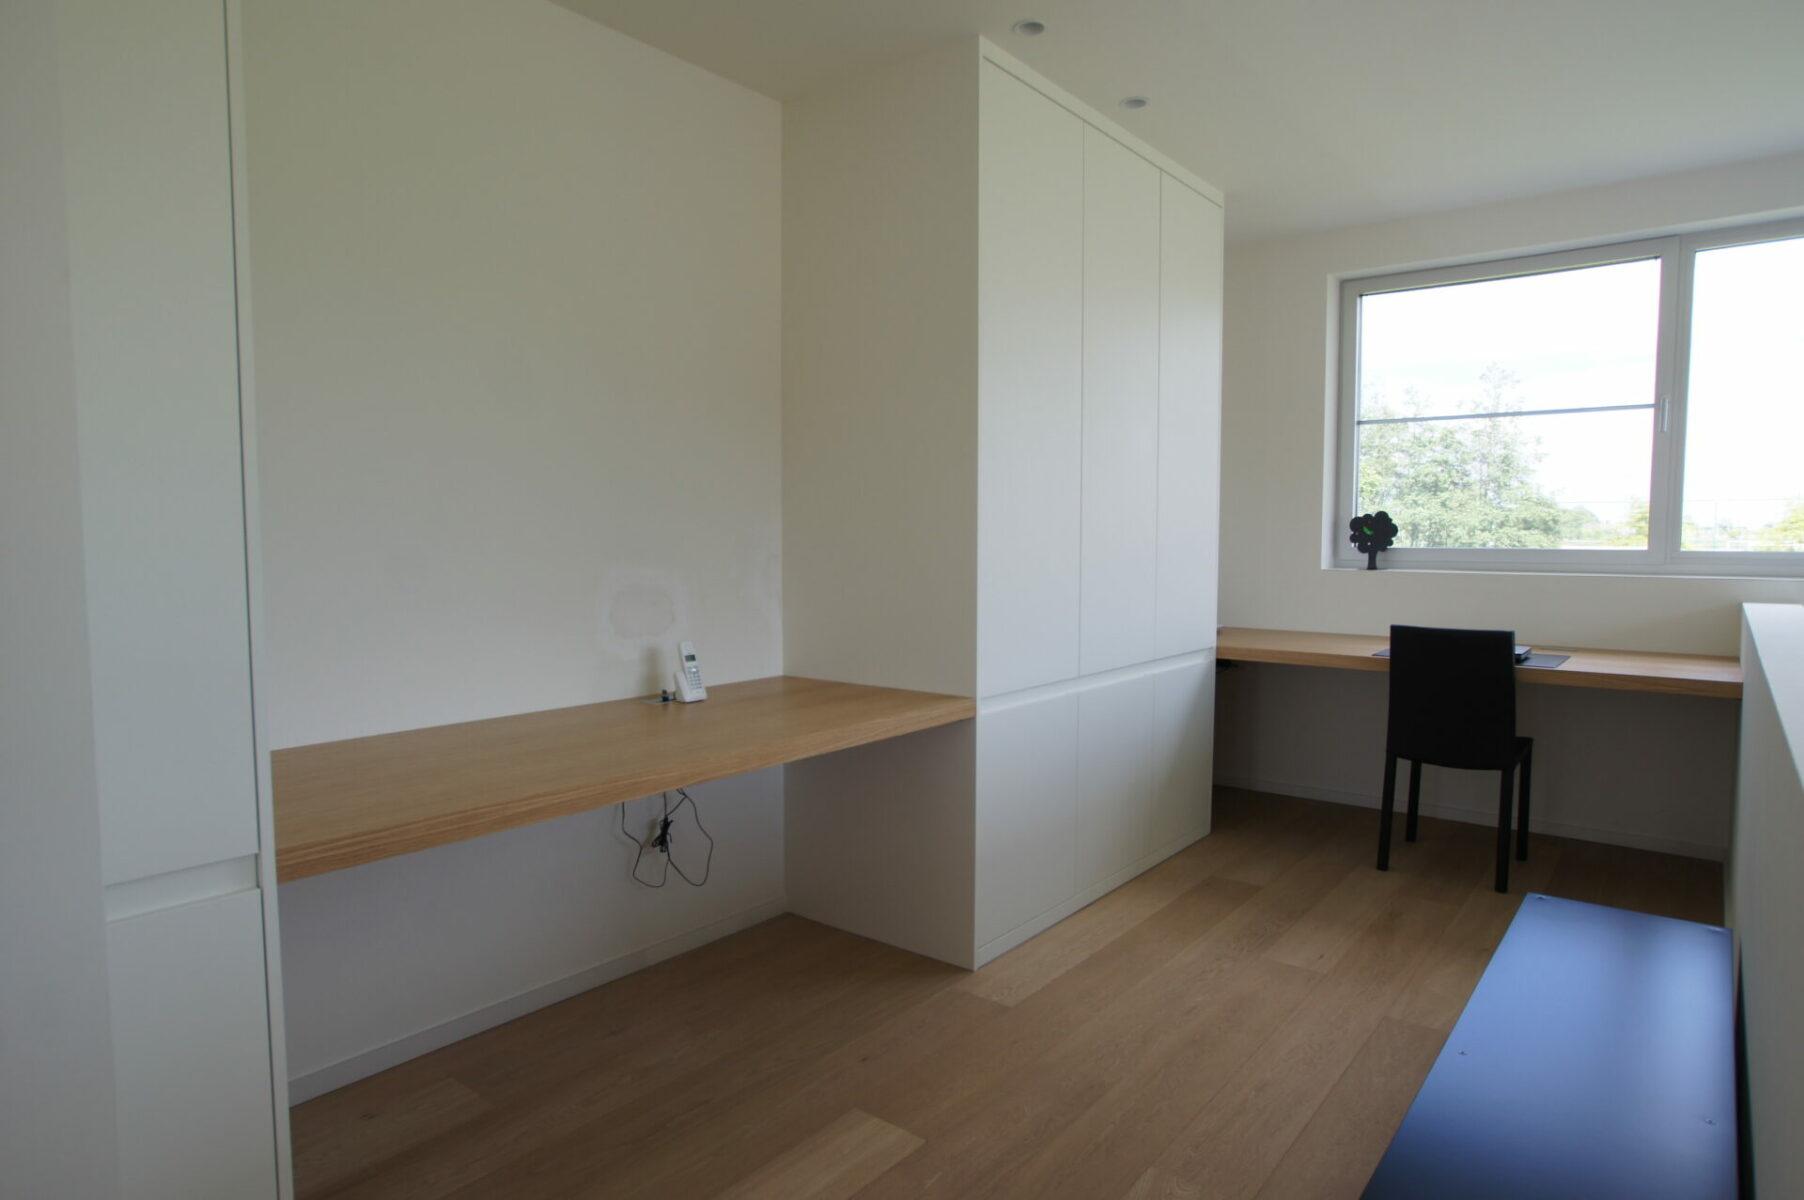 Bureau thuis